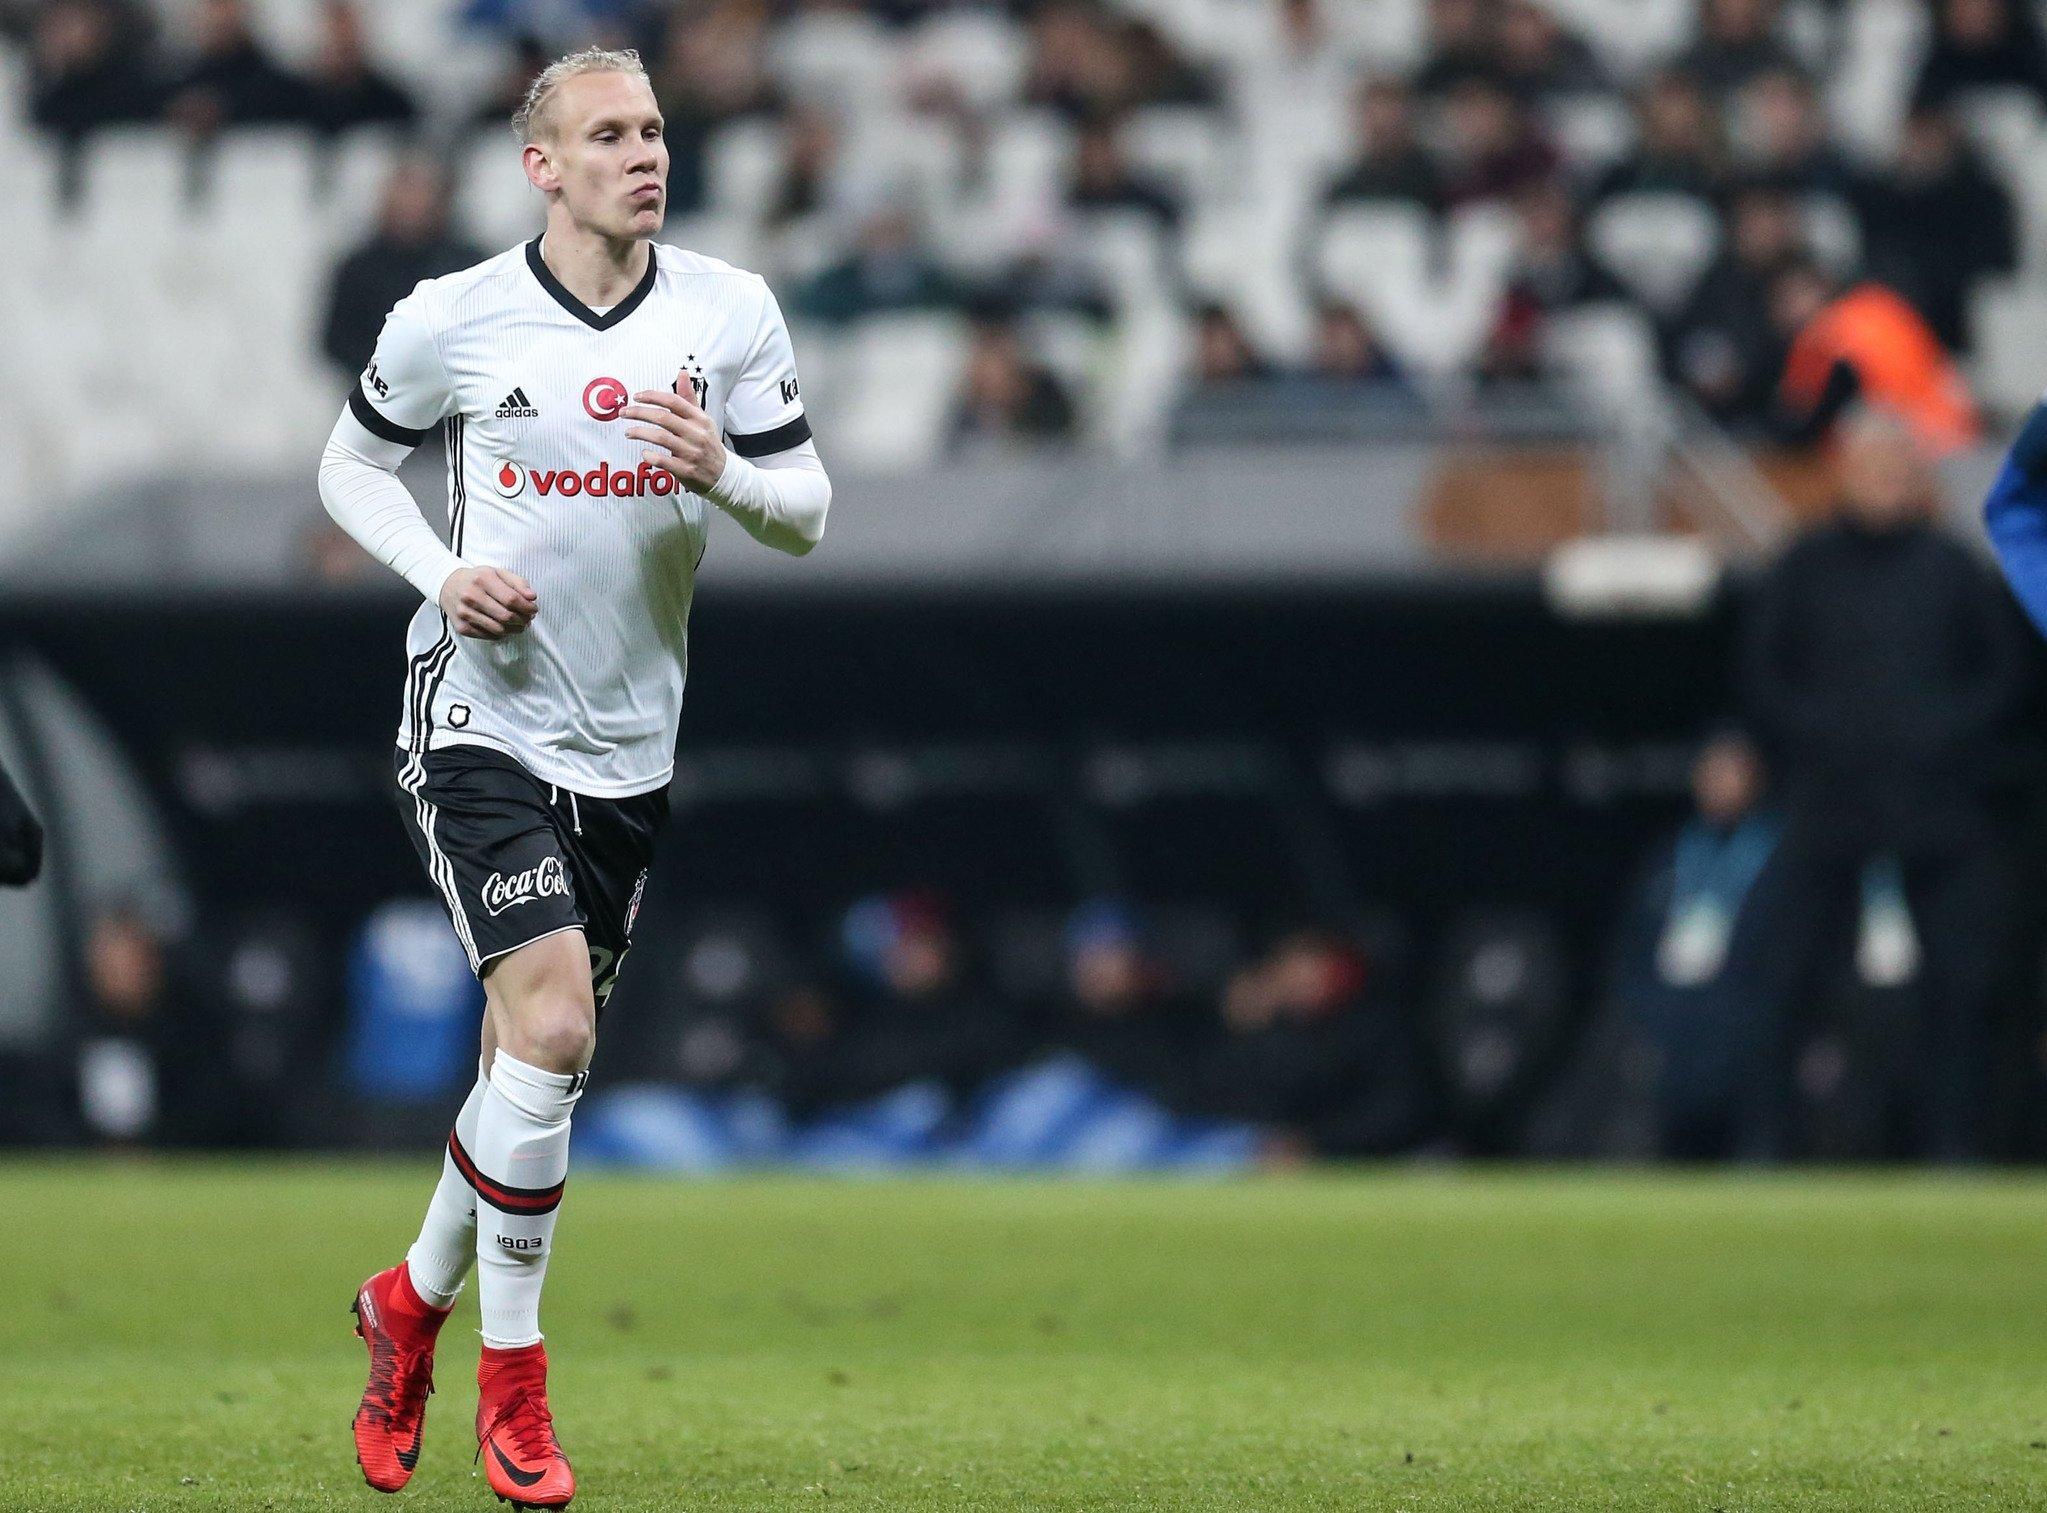 Domagoj Vidaya Dinamo Kievden sürpriz teklif: Kapımız açık